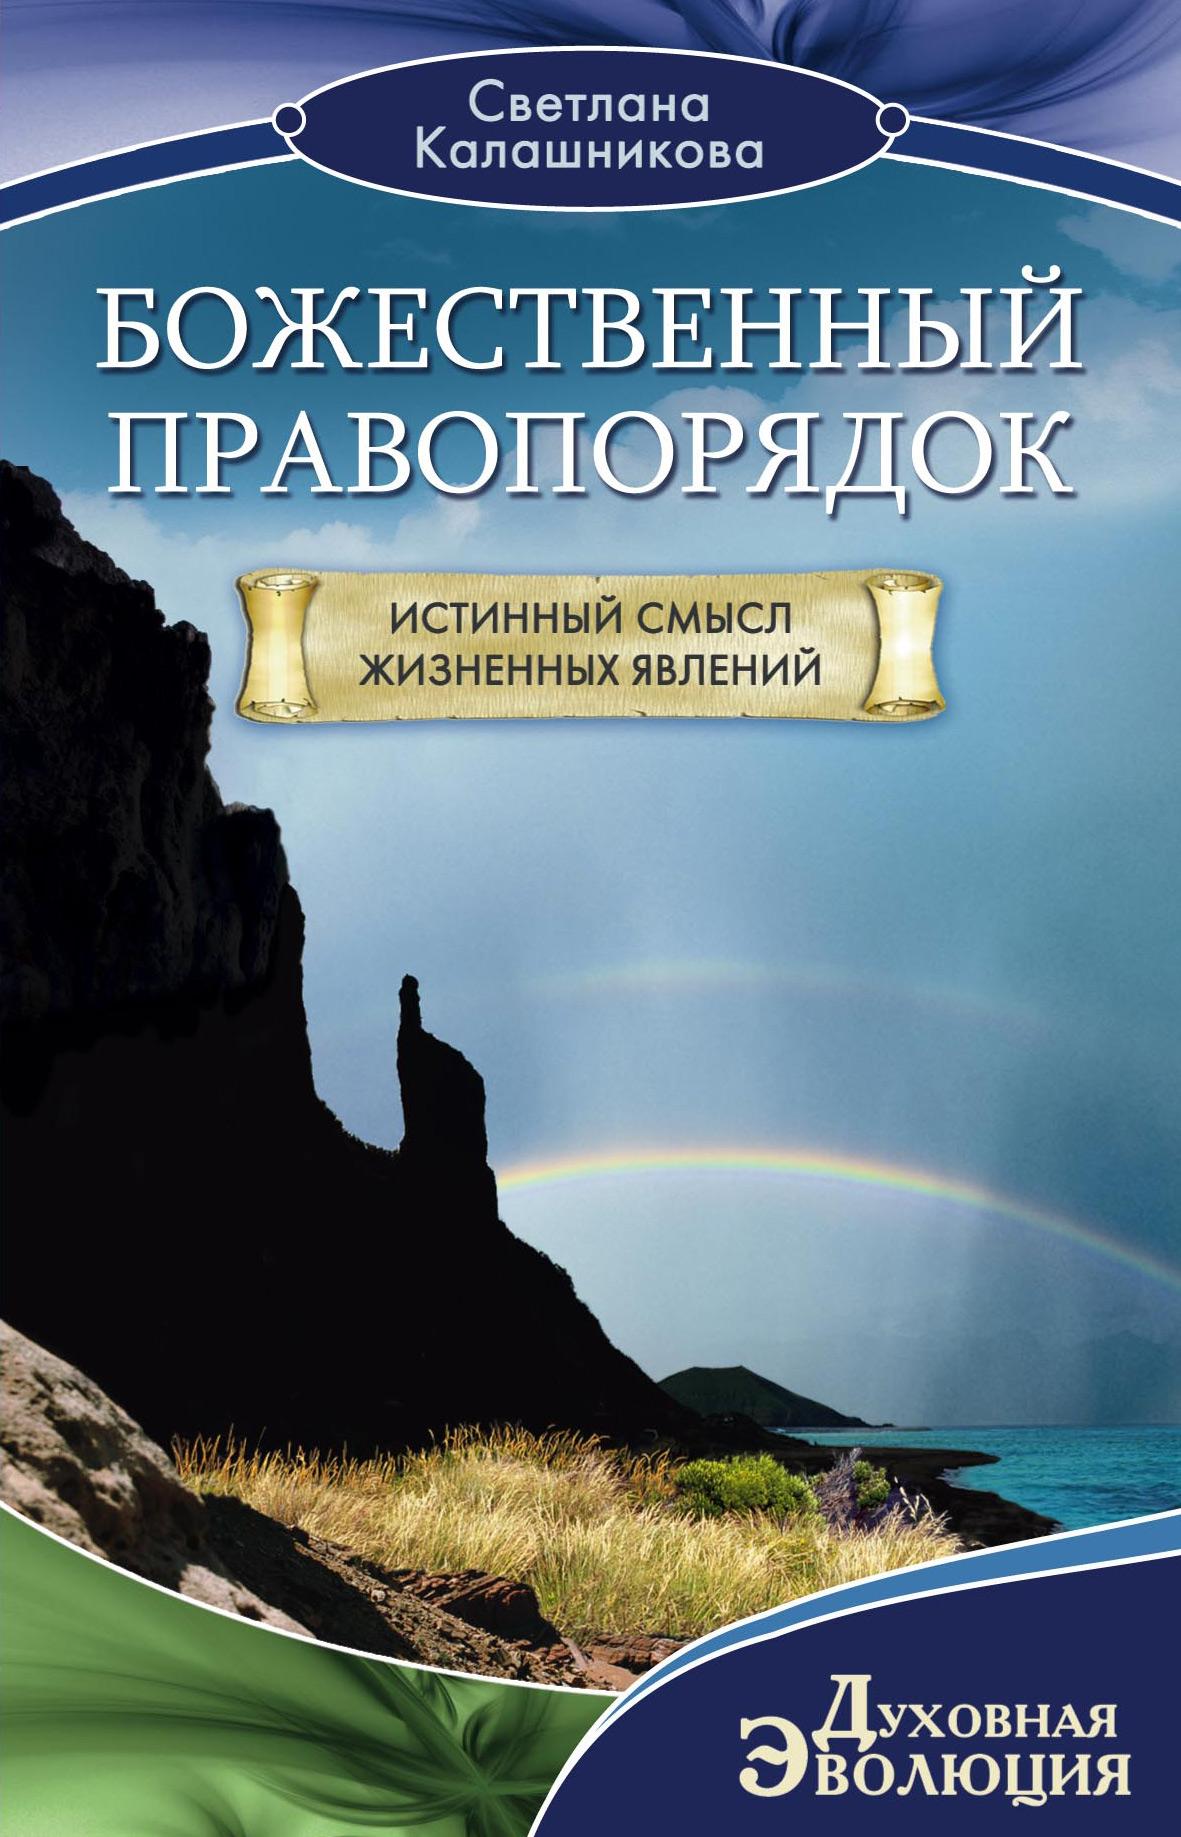 Светлана Калашникова Божественный правопорядок. Истинный смысл жизненных явлений калашникова с свет божественных истин истинный смысл жизненных явлений